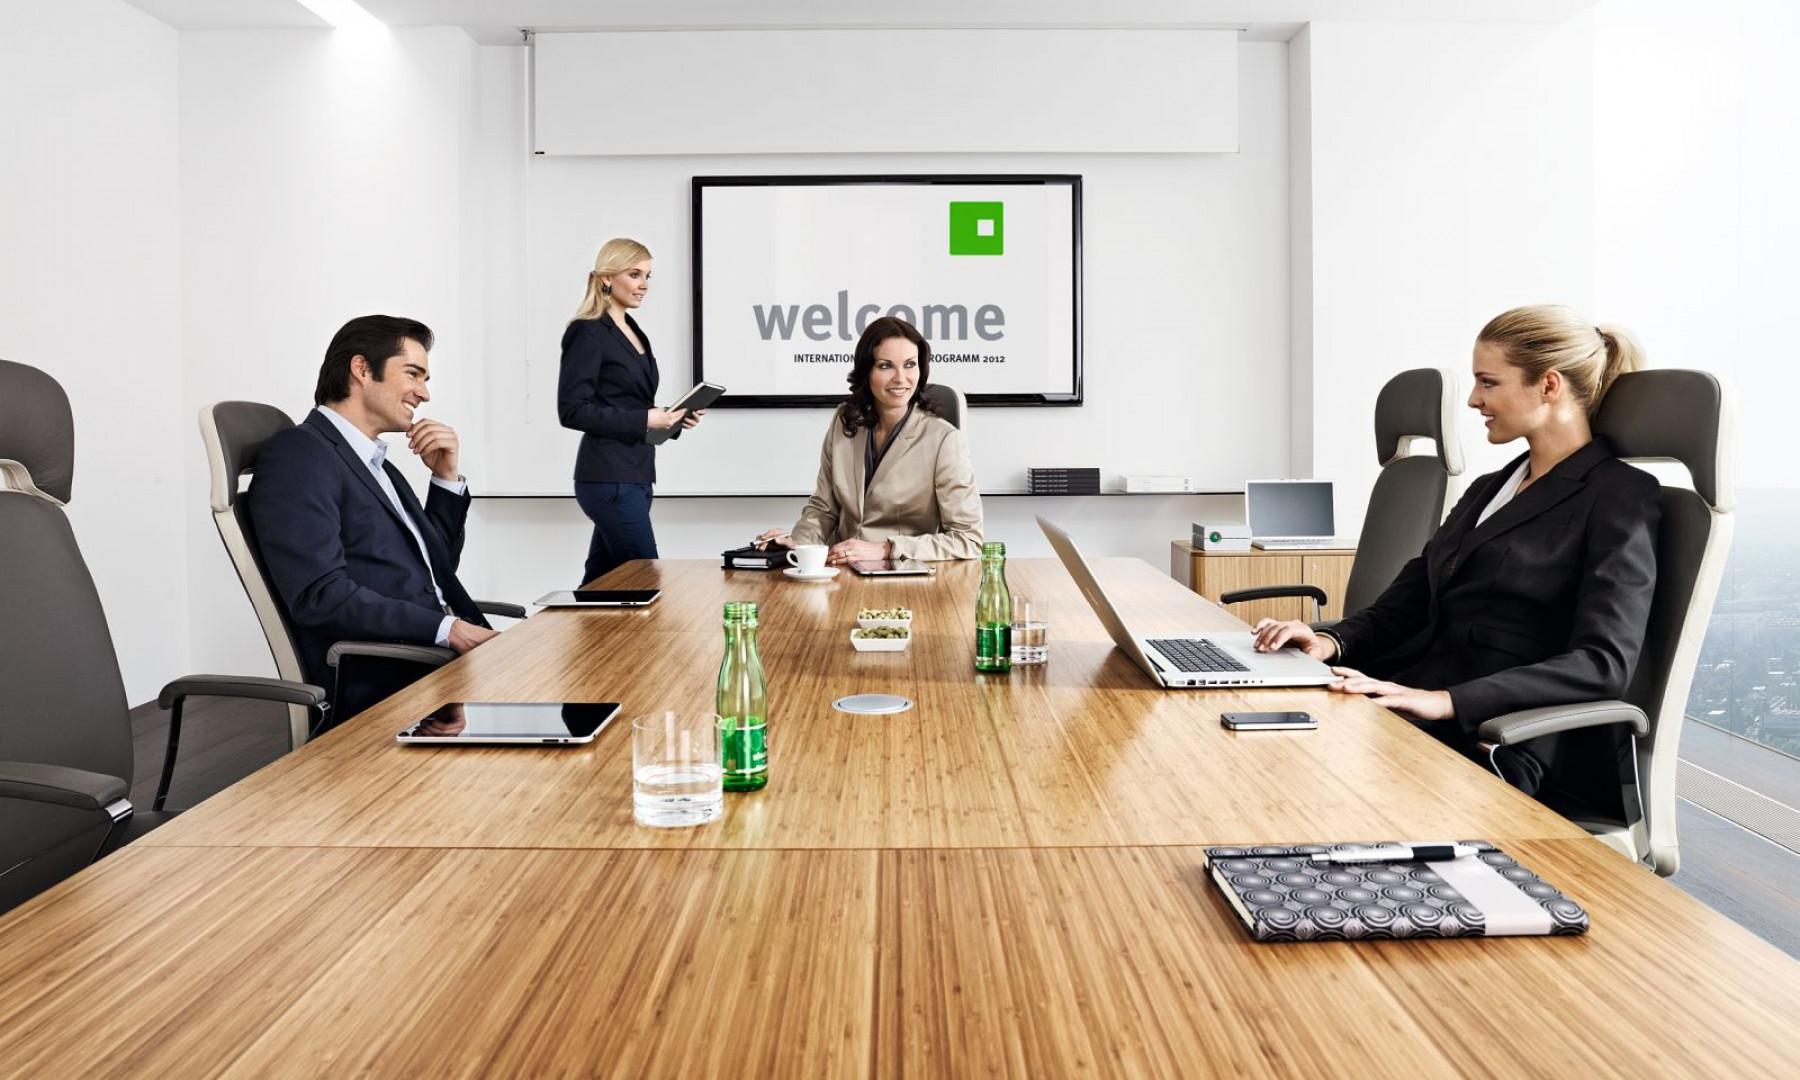 Stół konferencyjny eRange z oferty Grupy Nowy Styl. Fot. Grupa Nowy Styl